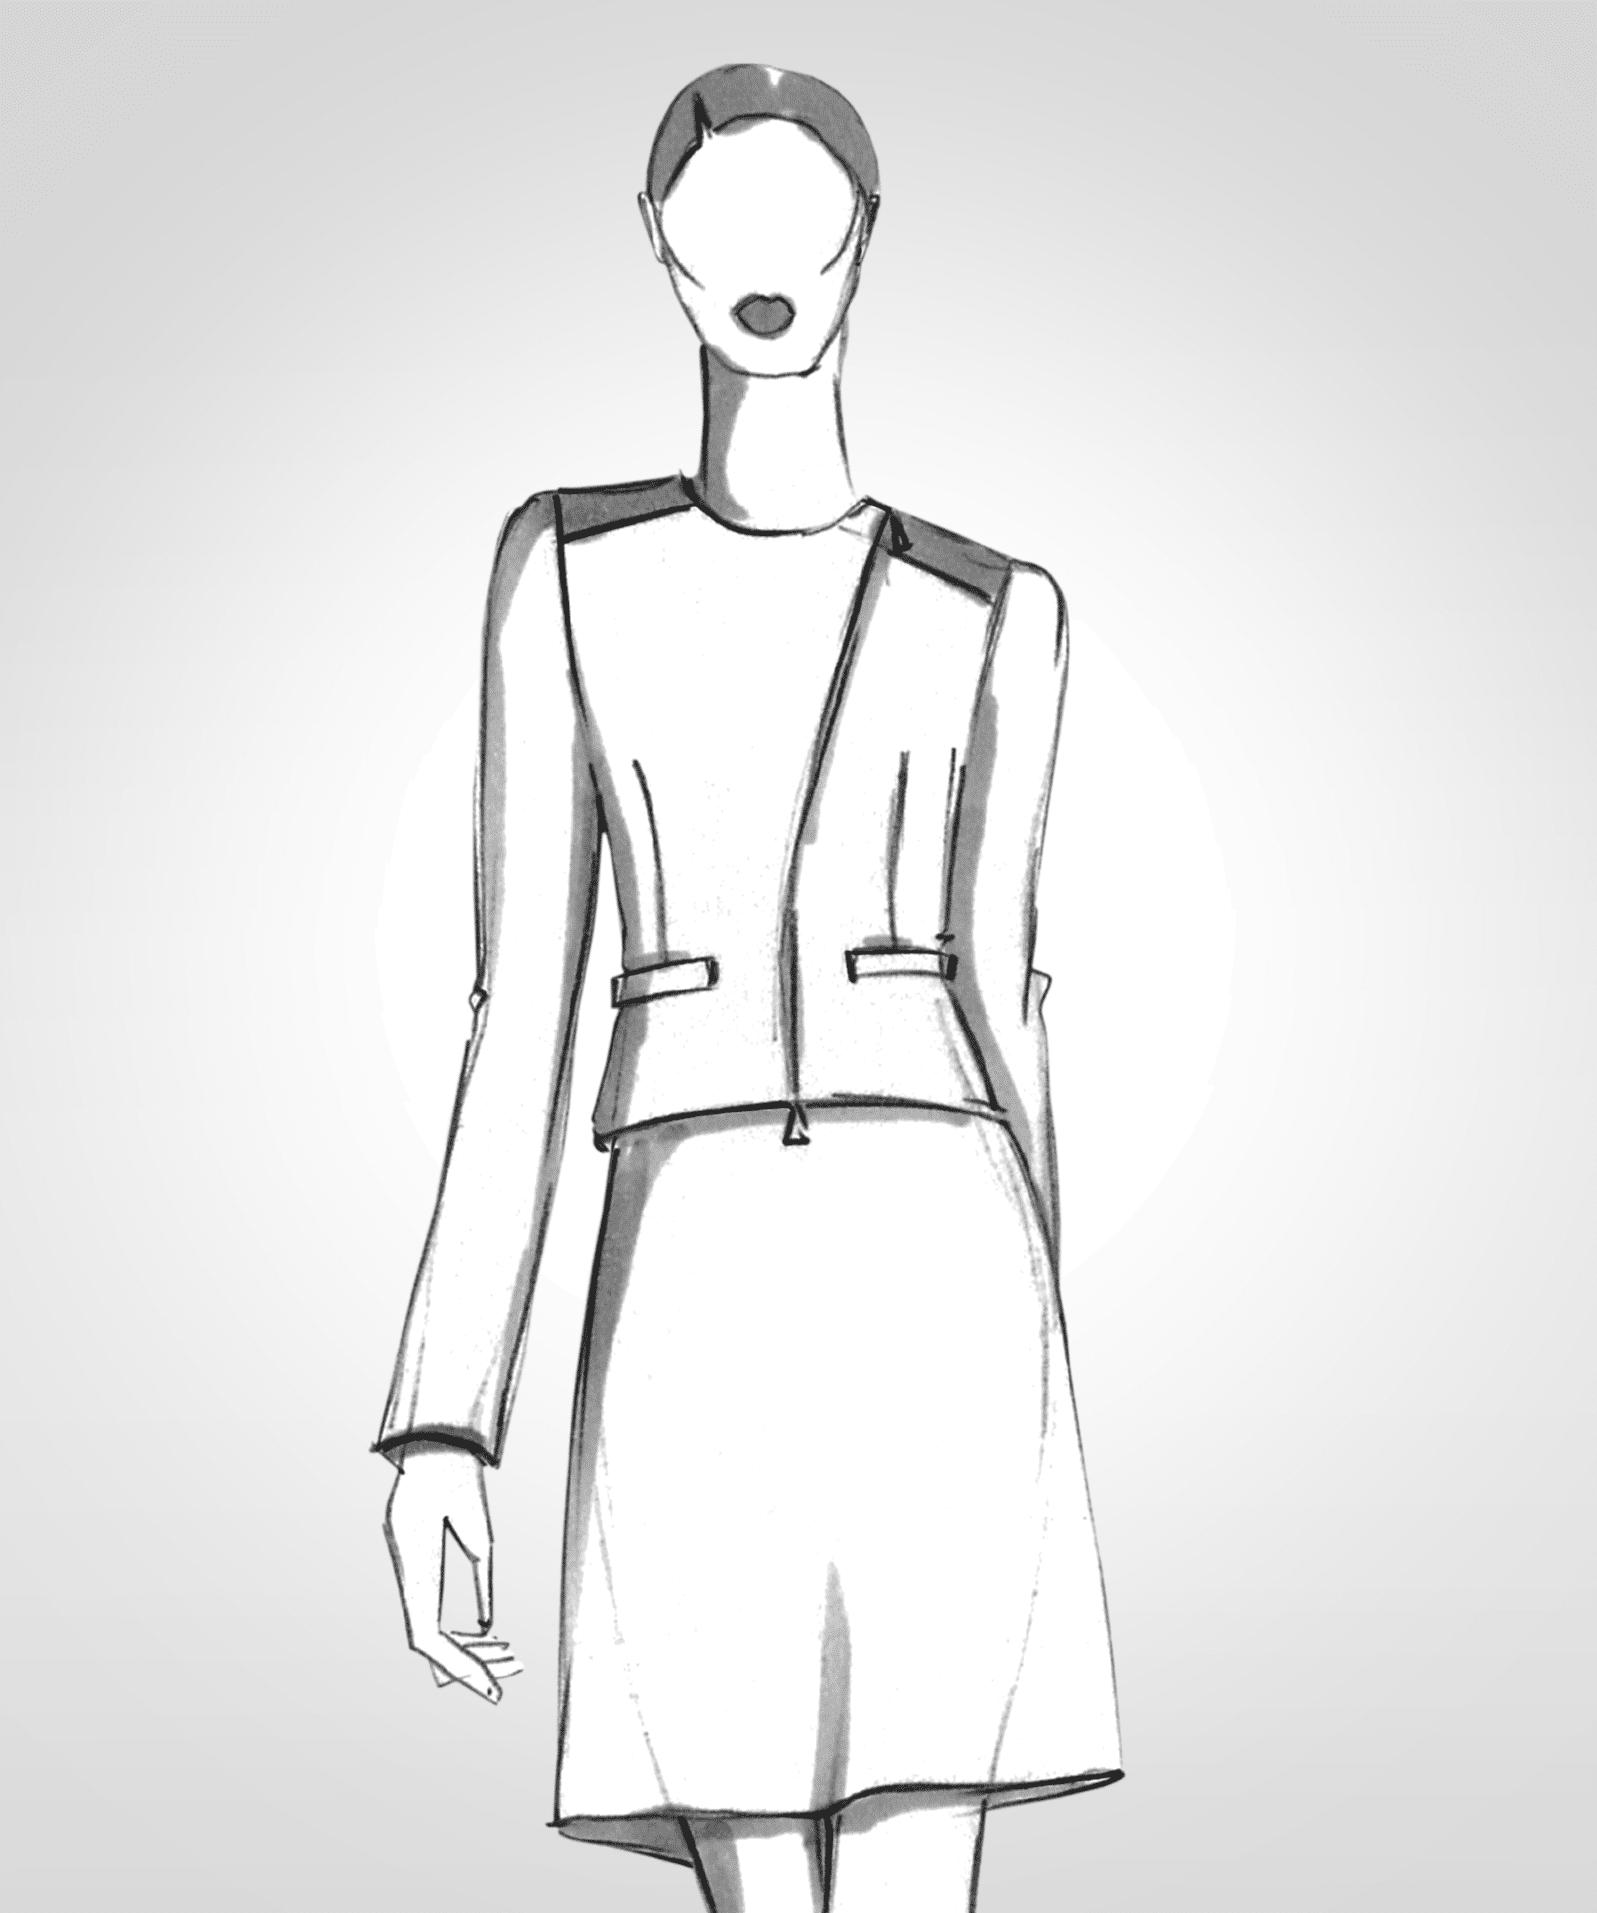 Die Modellzeichnung einer kragenlosen Jacke mit Reißverschluss ist zu sehen.